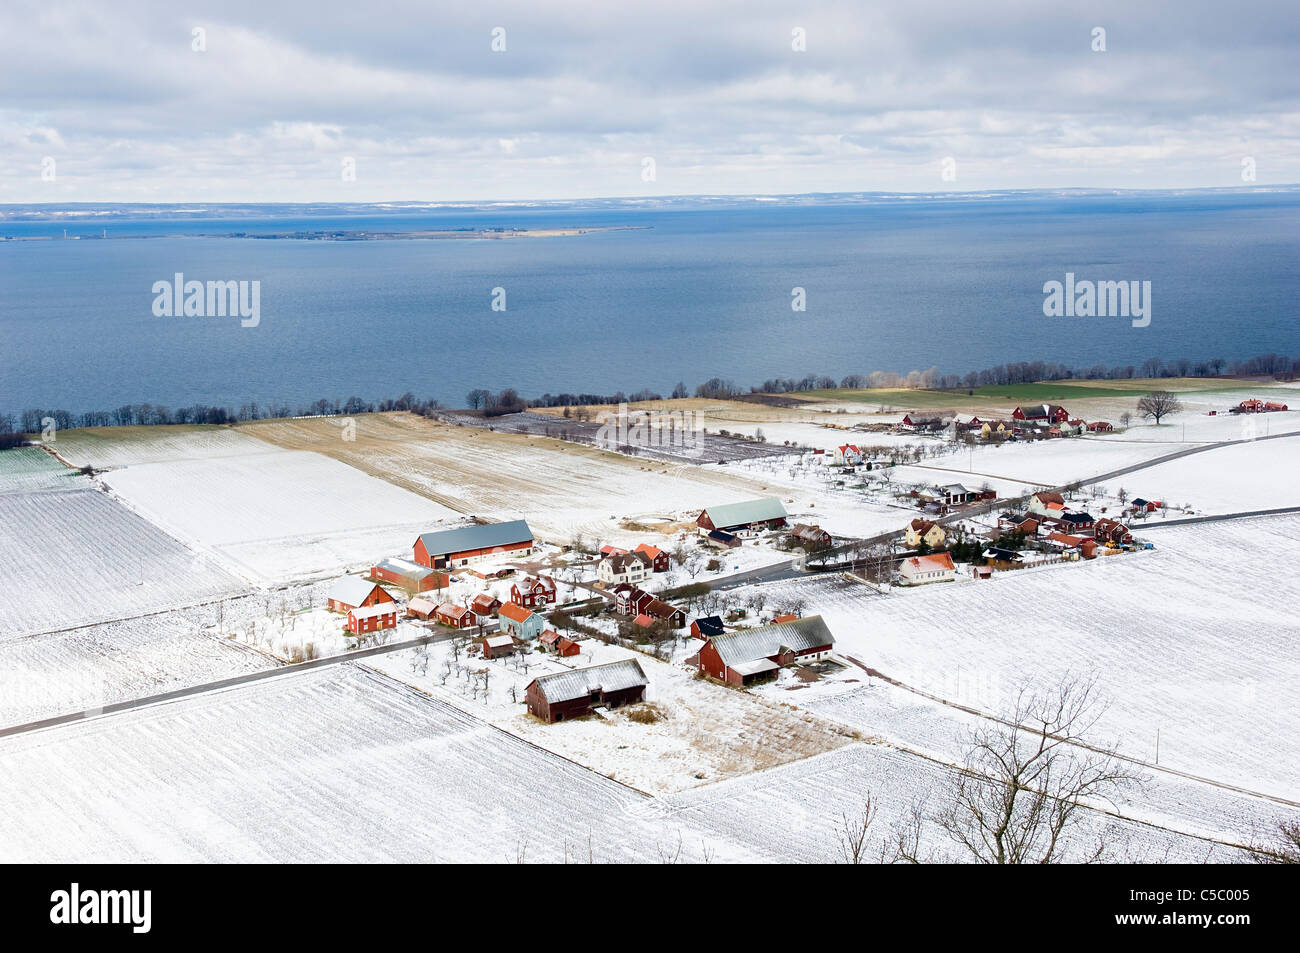 Wintery landscape by Vattern lake below cloudy sky - Stock Image